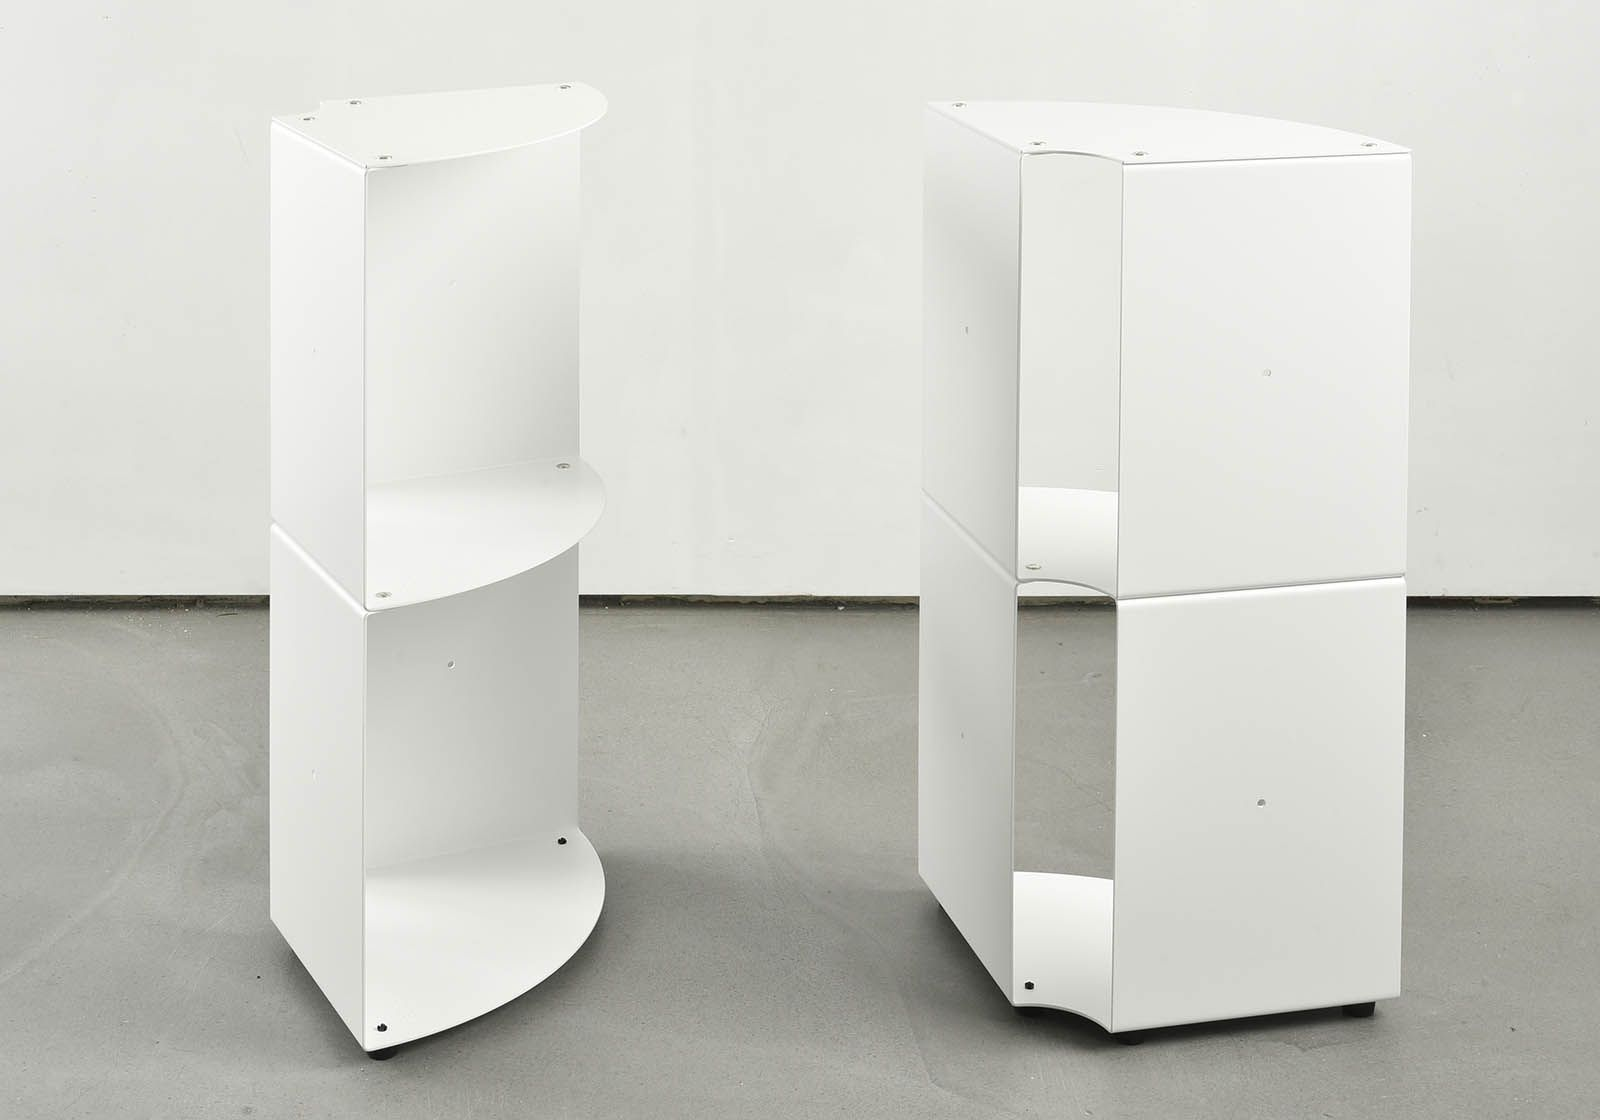 etag re d 39 angle salle de bain dangolo m tal 25x25x70cm. Black Bedroom Furniture Sets. Home Design Ideas